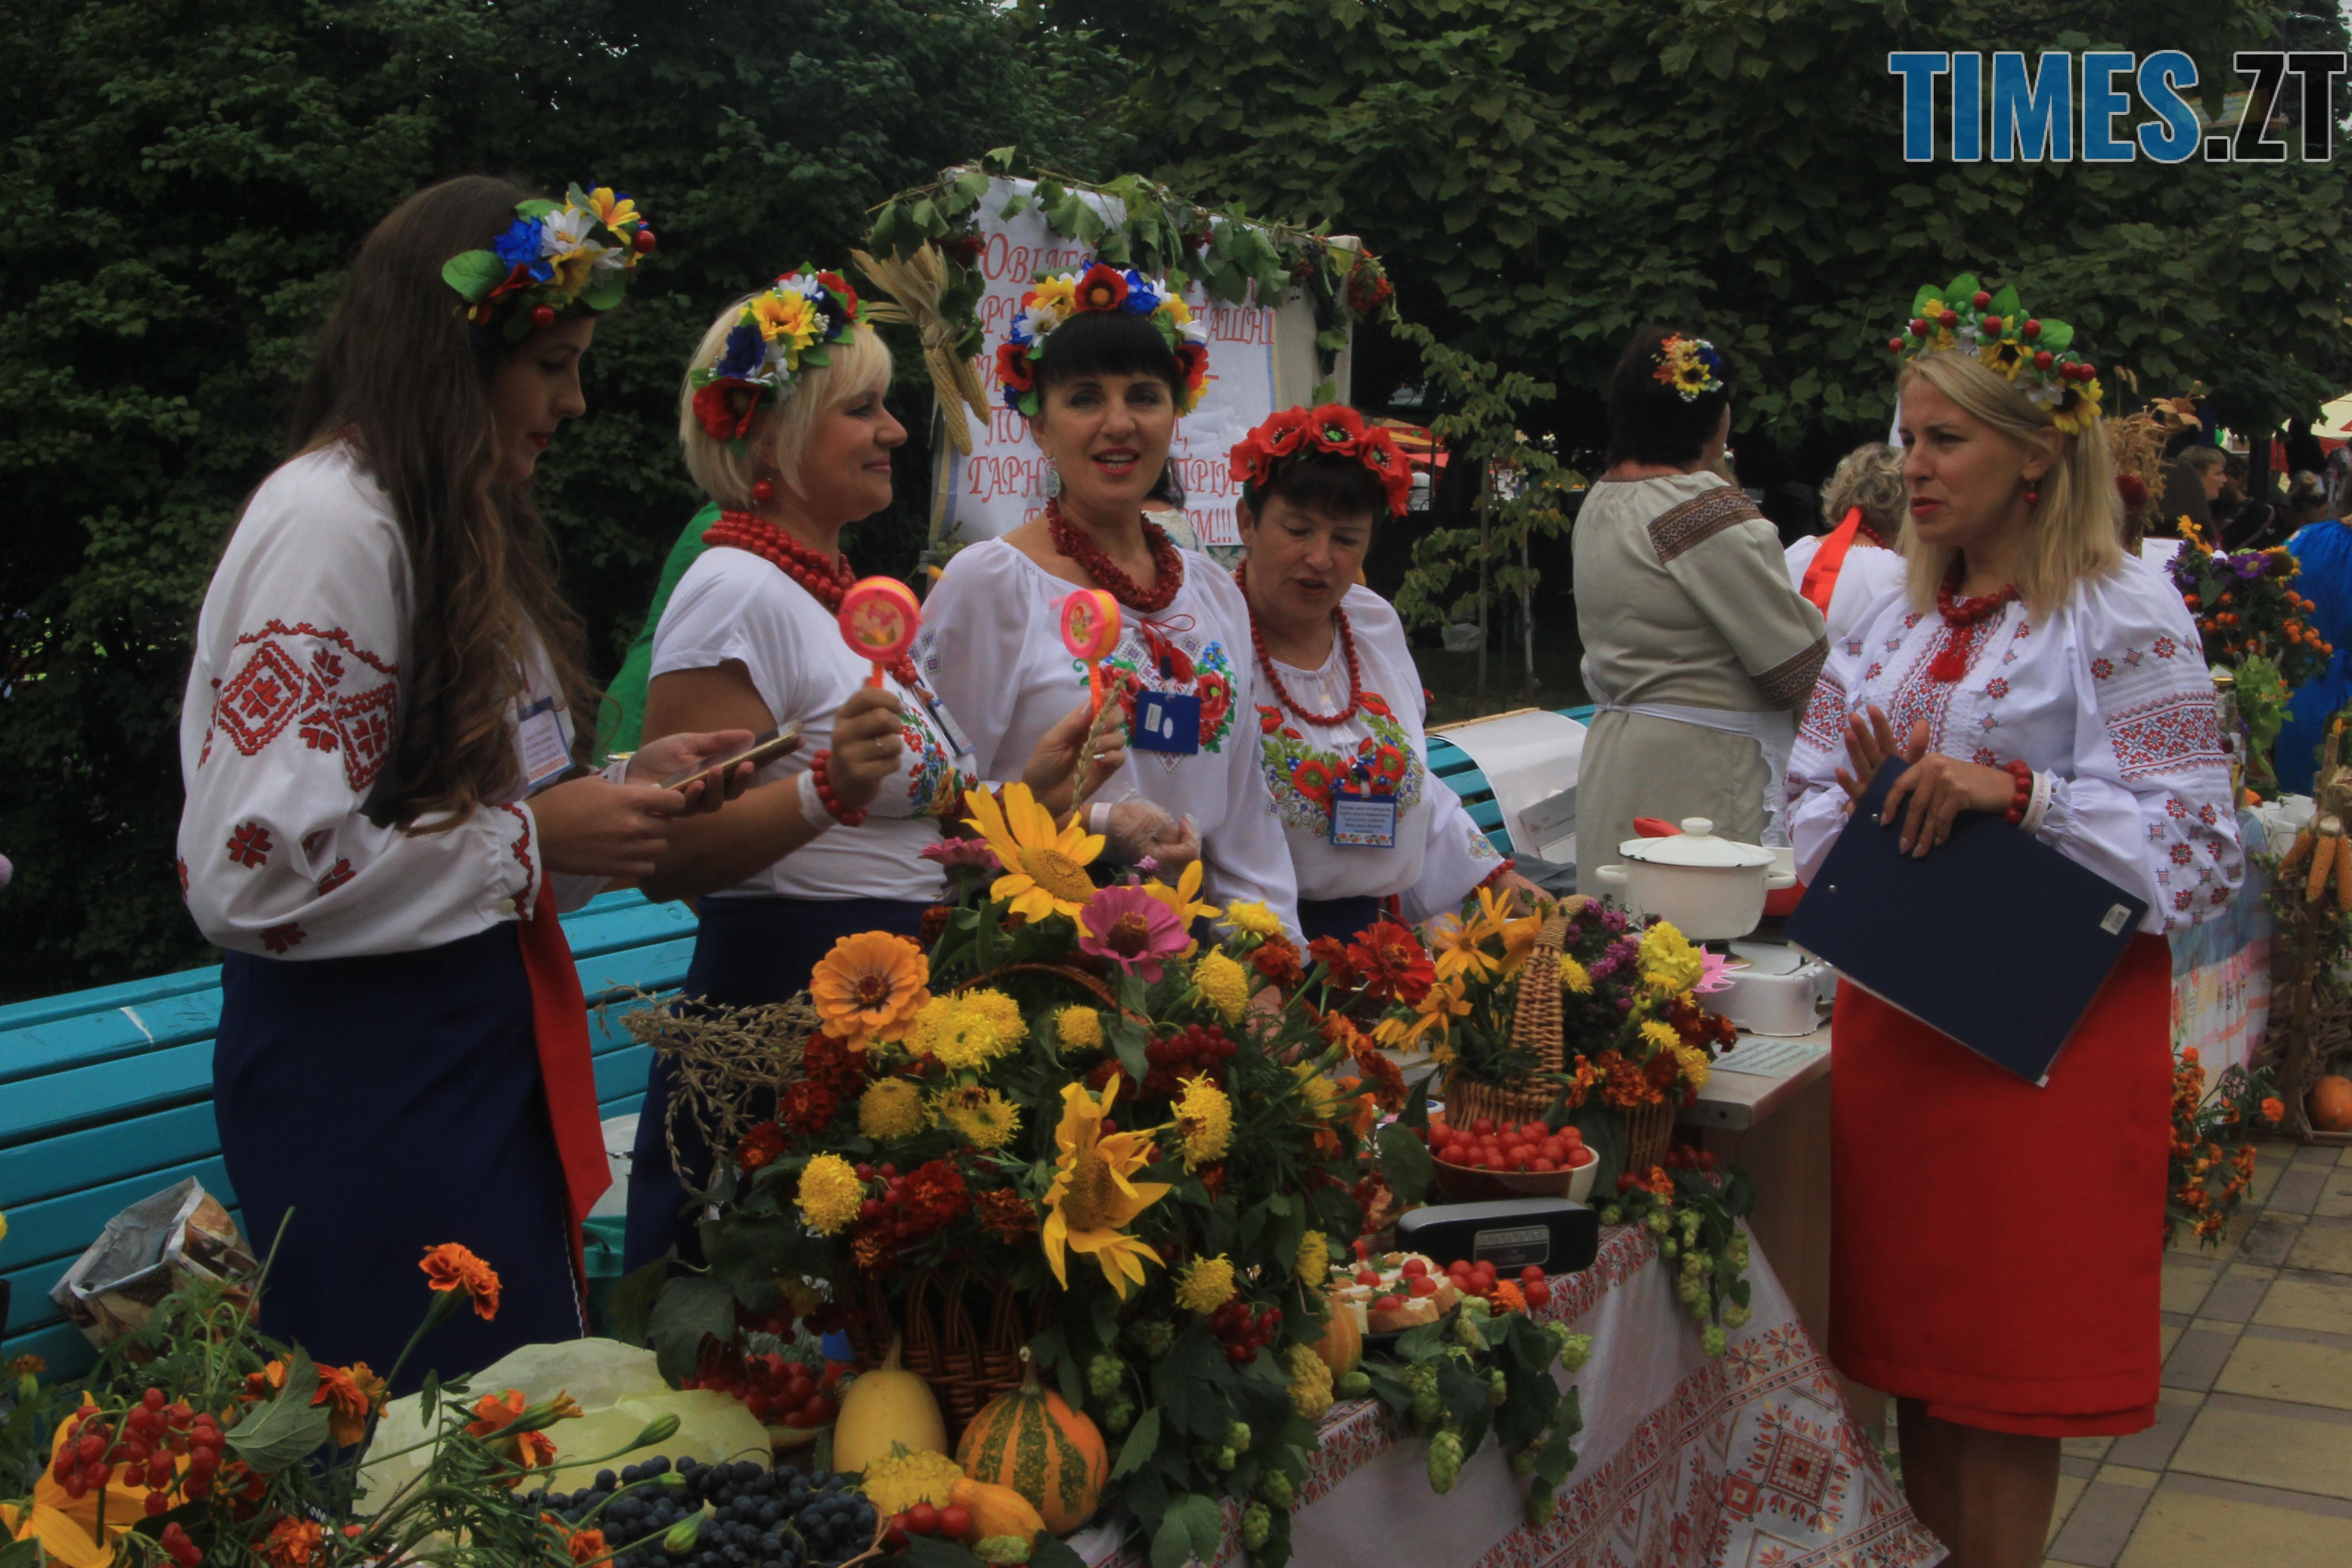 IMG 7520 - Десятий фестиваль дерунів: насмажили чимало, показали найбільшого в країні і побили ним всі рекорди (ФОТОРЕПОРТАЖ)